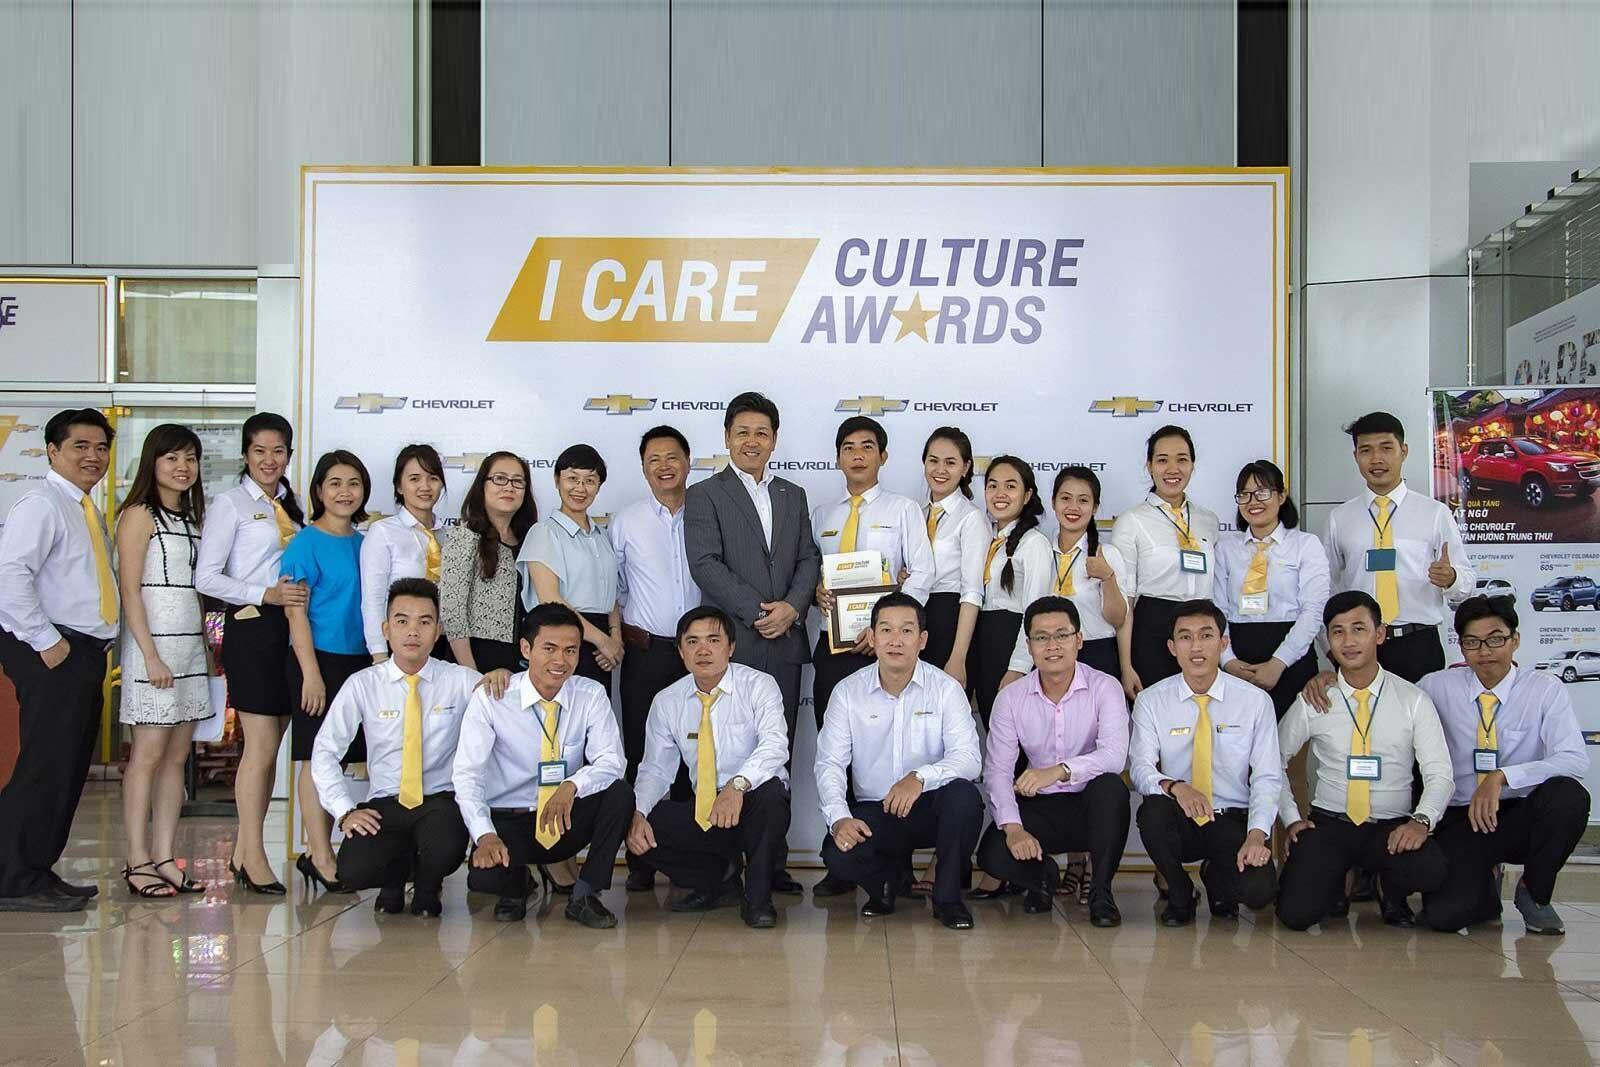 Chevrolet Nam Hải sở hữu đội ngũ nhân viên chuyên nghiệp cộng với nhiều kinh nghiệm làm việc dày dặn.